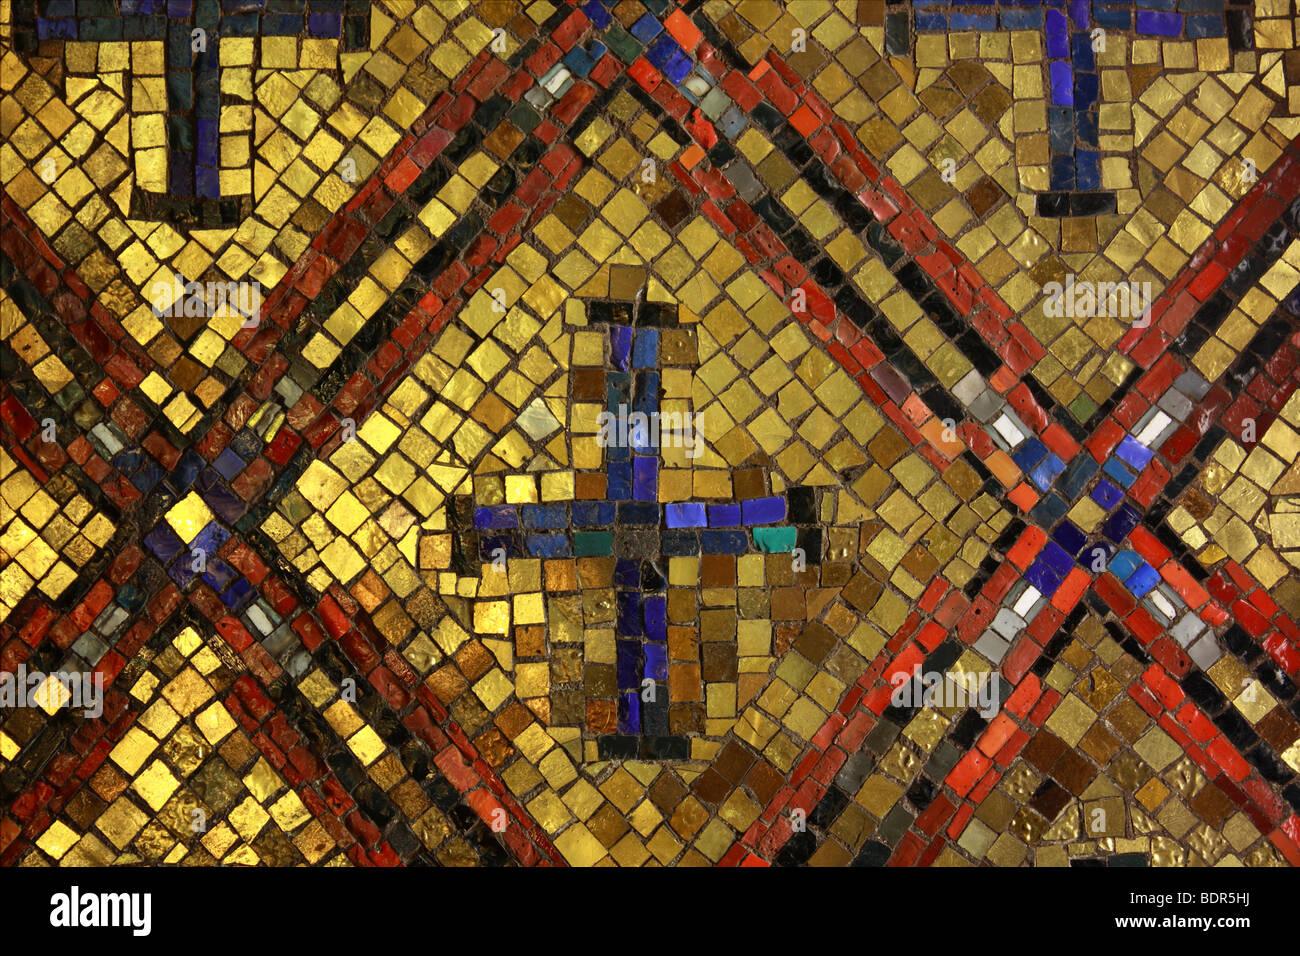 Vecchio stile bizantino di vetro oro con piastrelle a mosaico foto